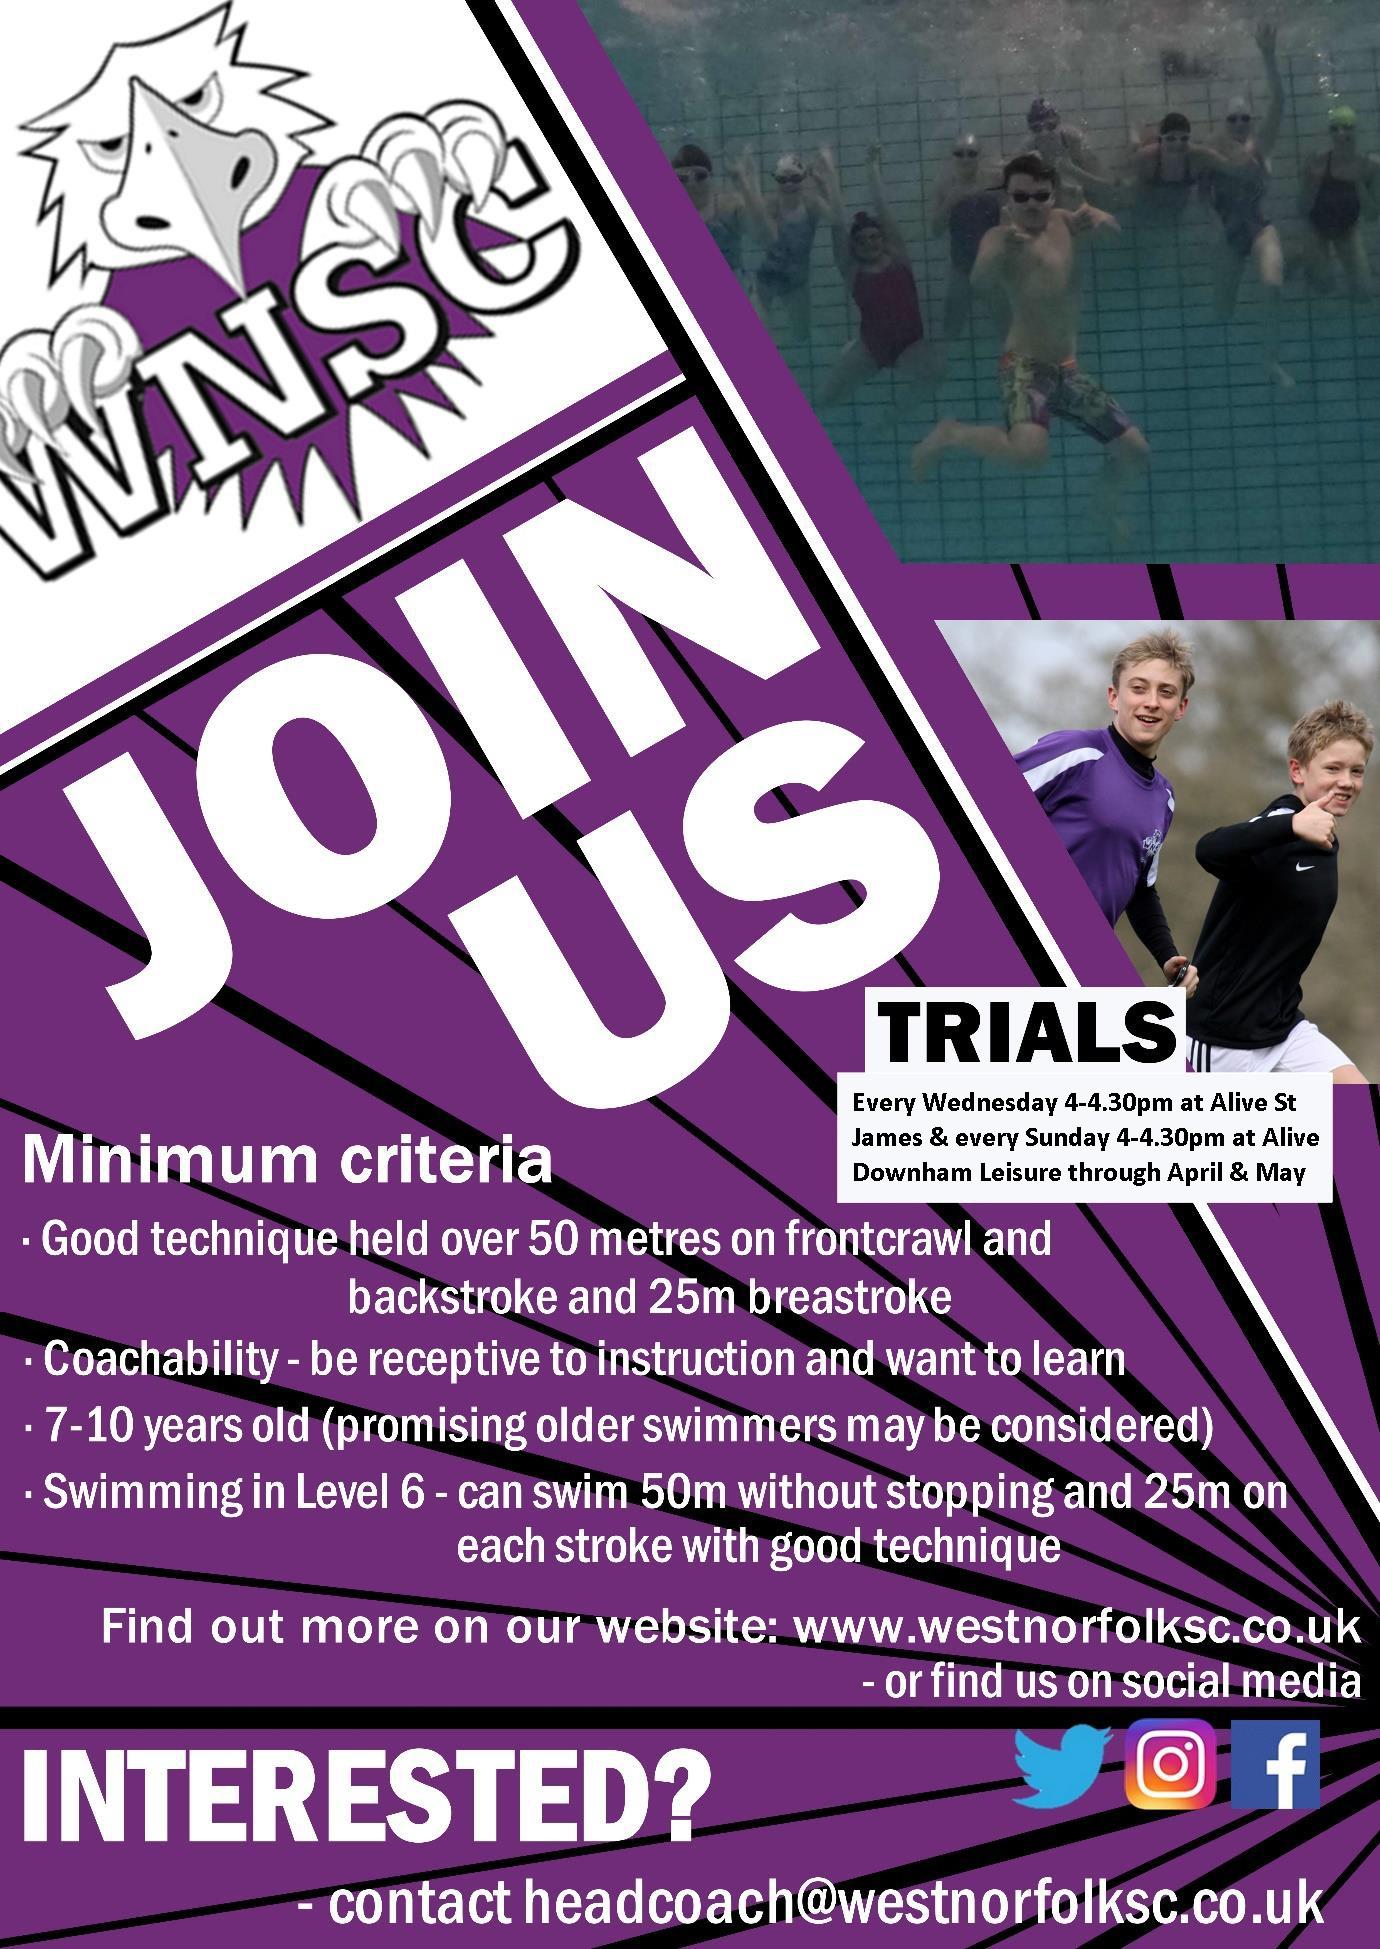 Trials poster